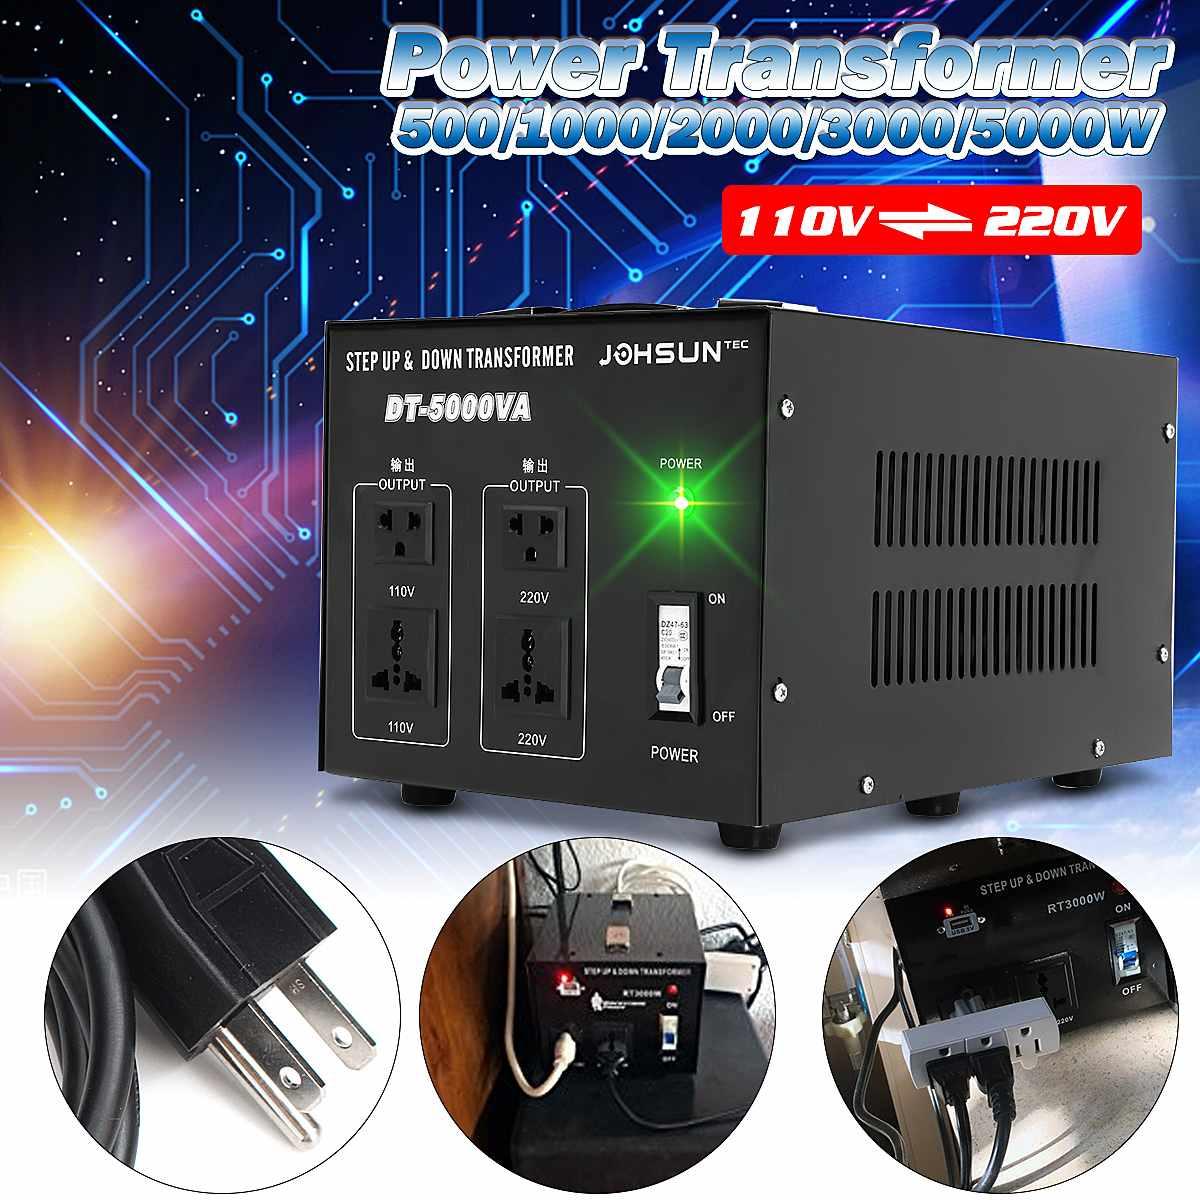 500/1000/2000/3000/5000 W convertisseur de tension lourde transformateur de puissance 220 V auf 110 V convertisseur